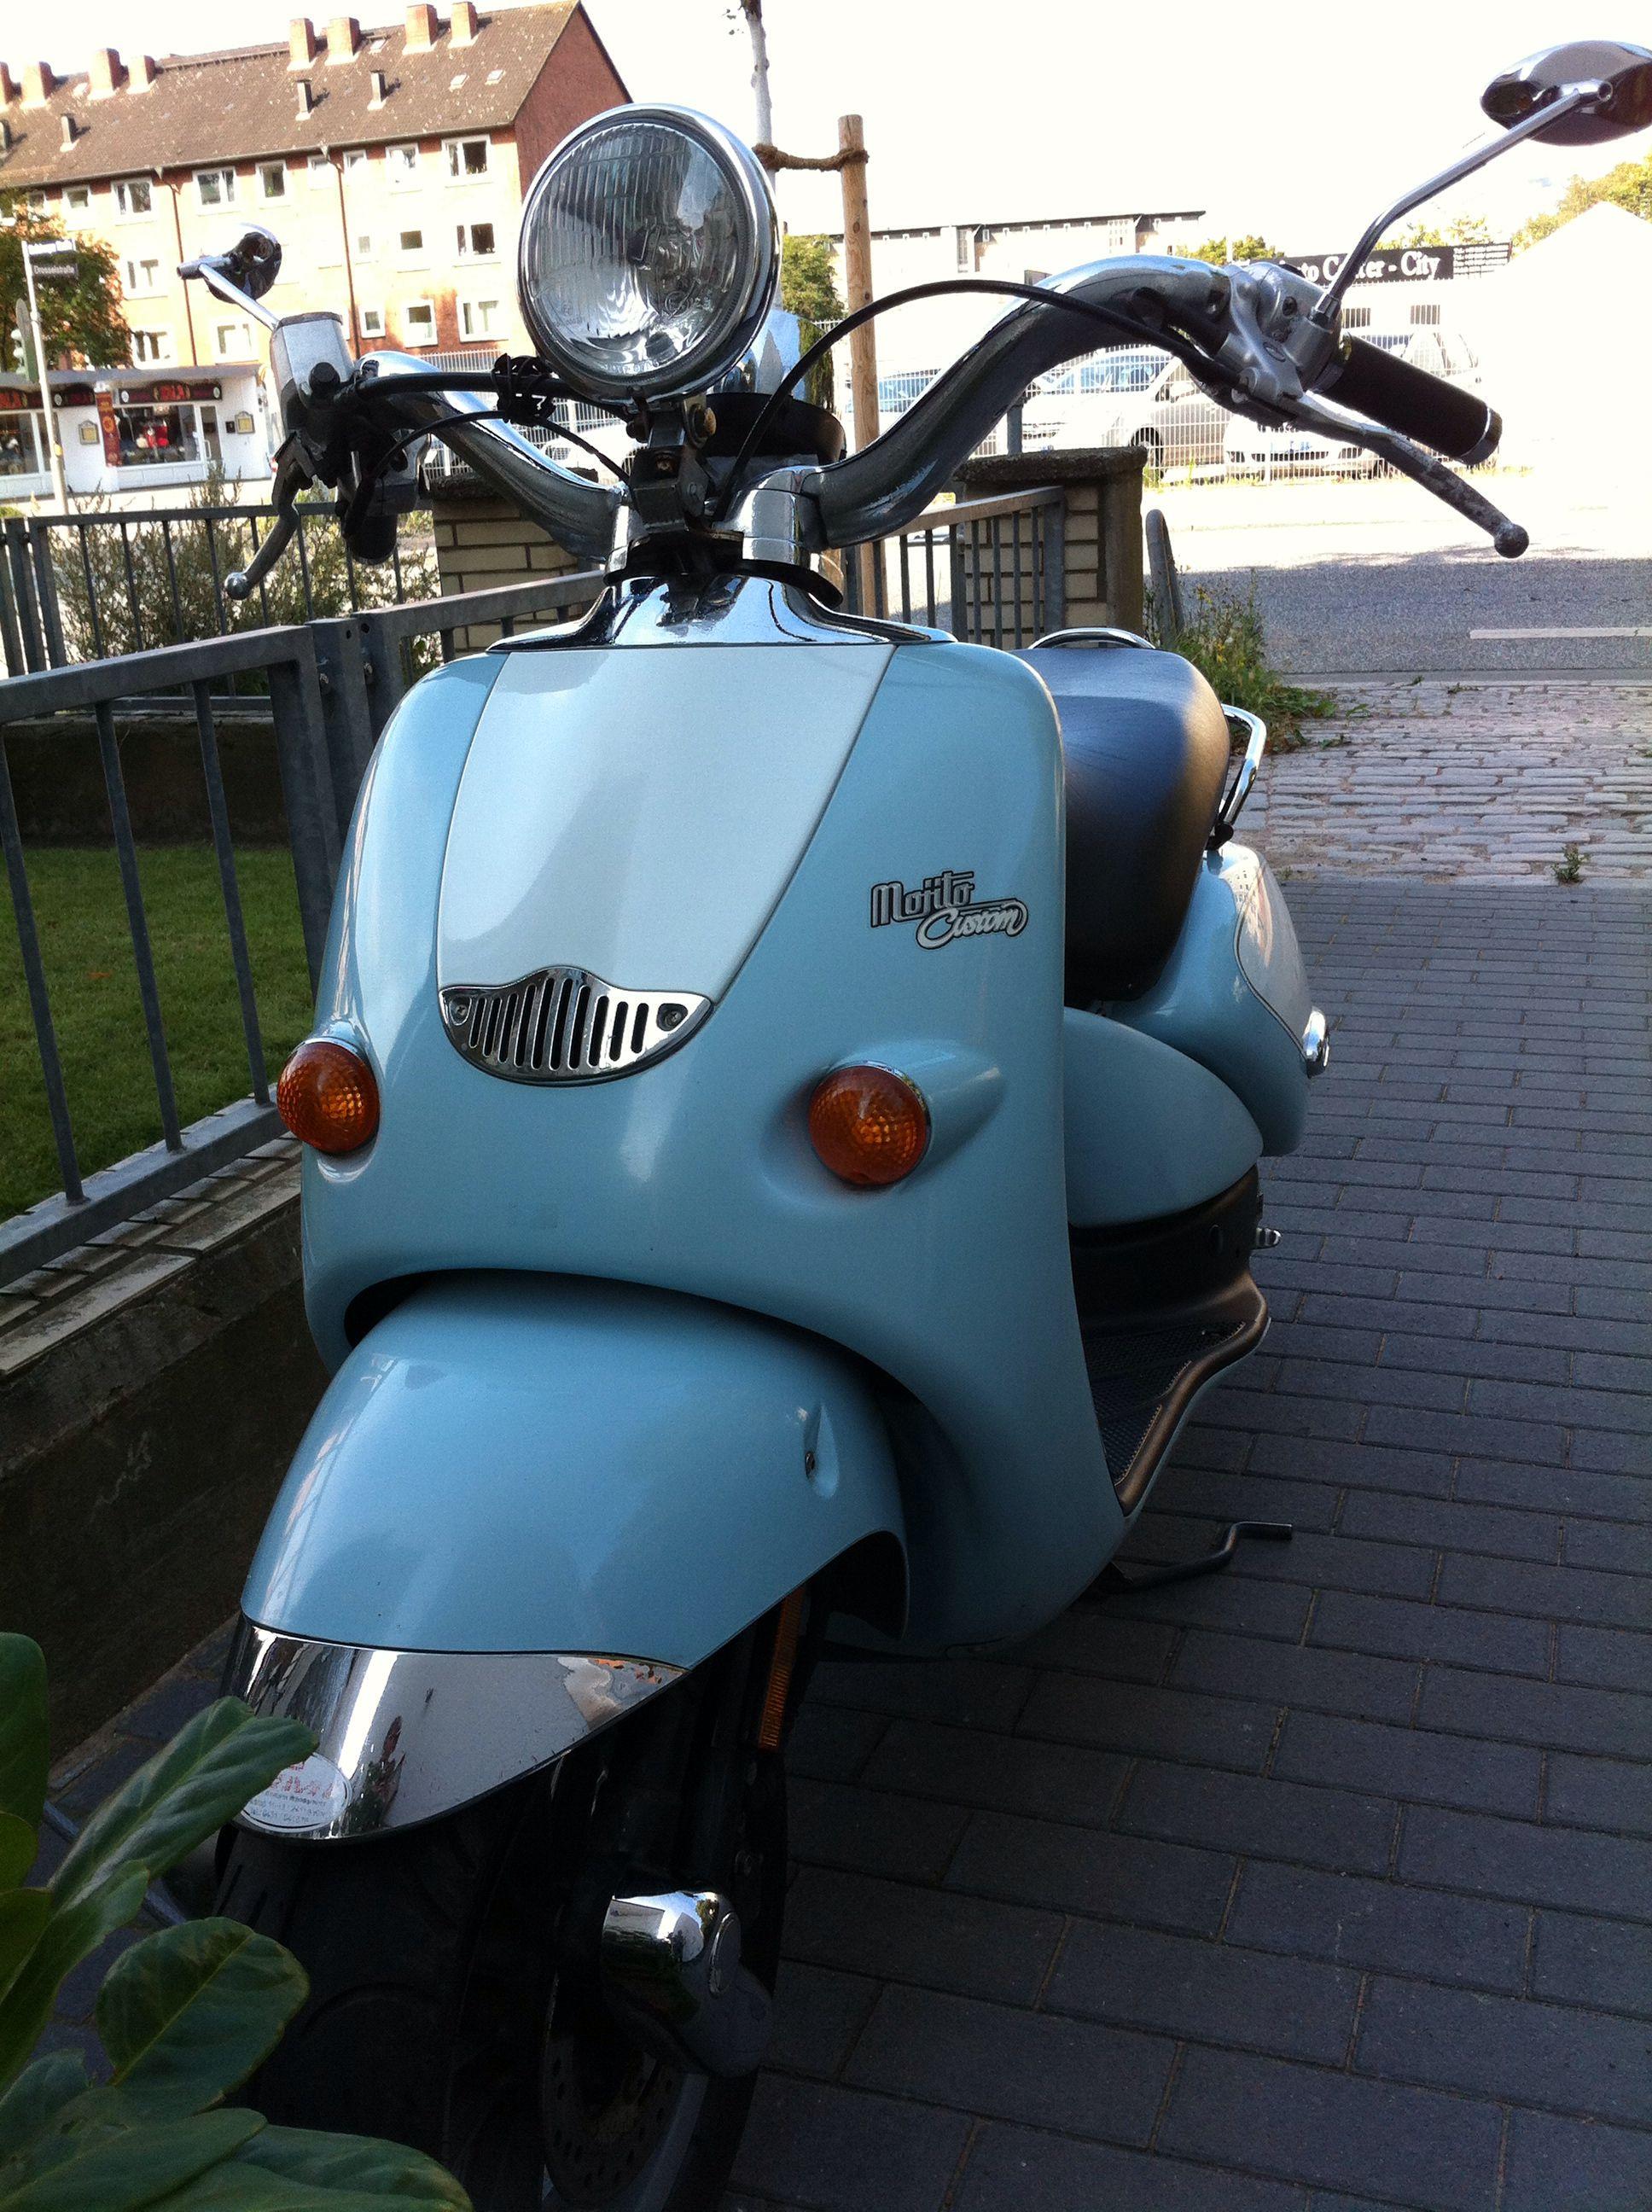 my baby blue aprilia mojito 2002 bikes vespa. Black Bedroom Furniture Sets. Home Design Ideas